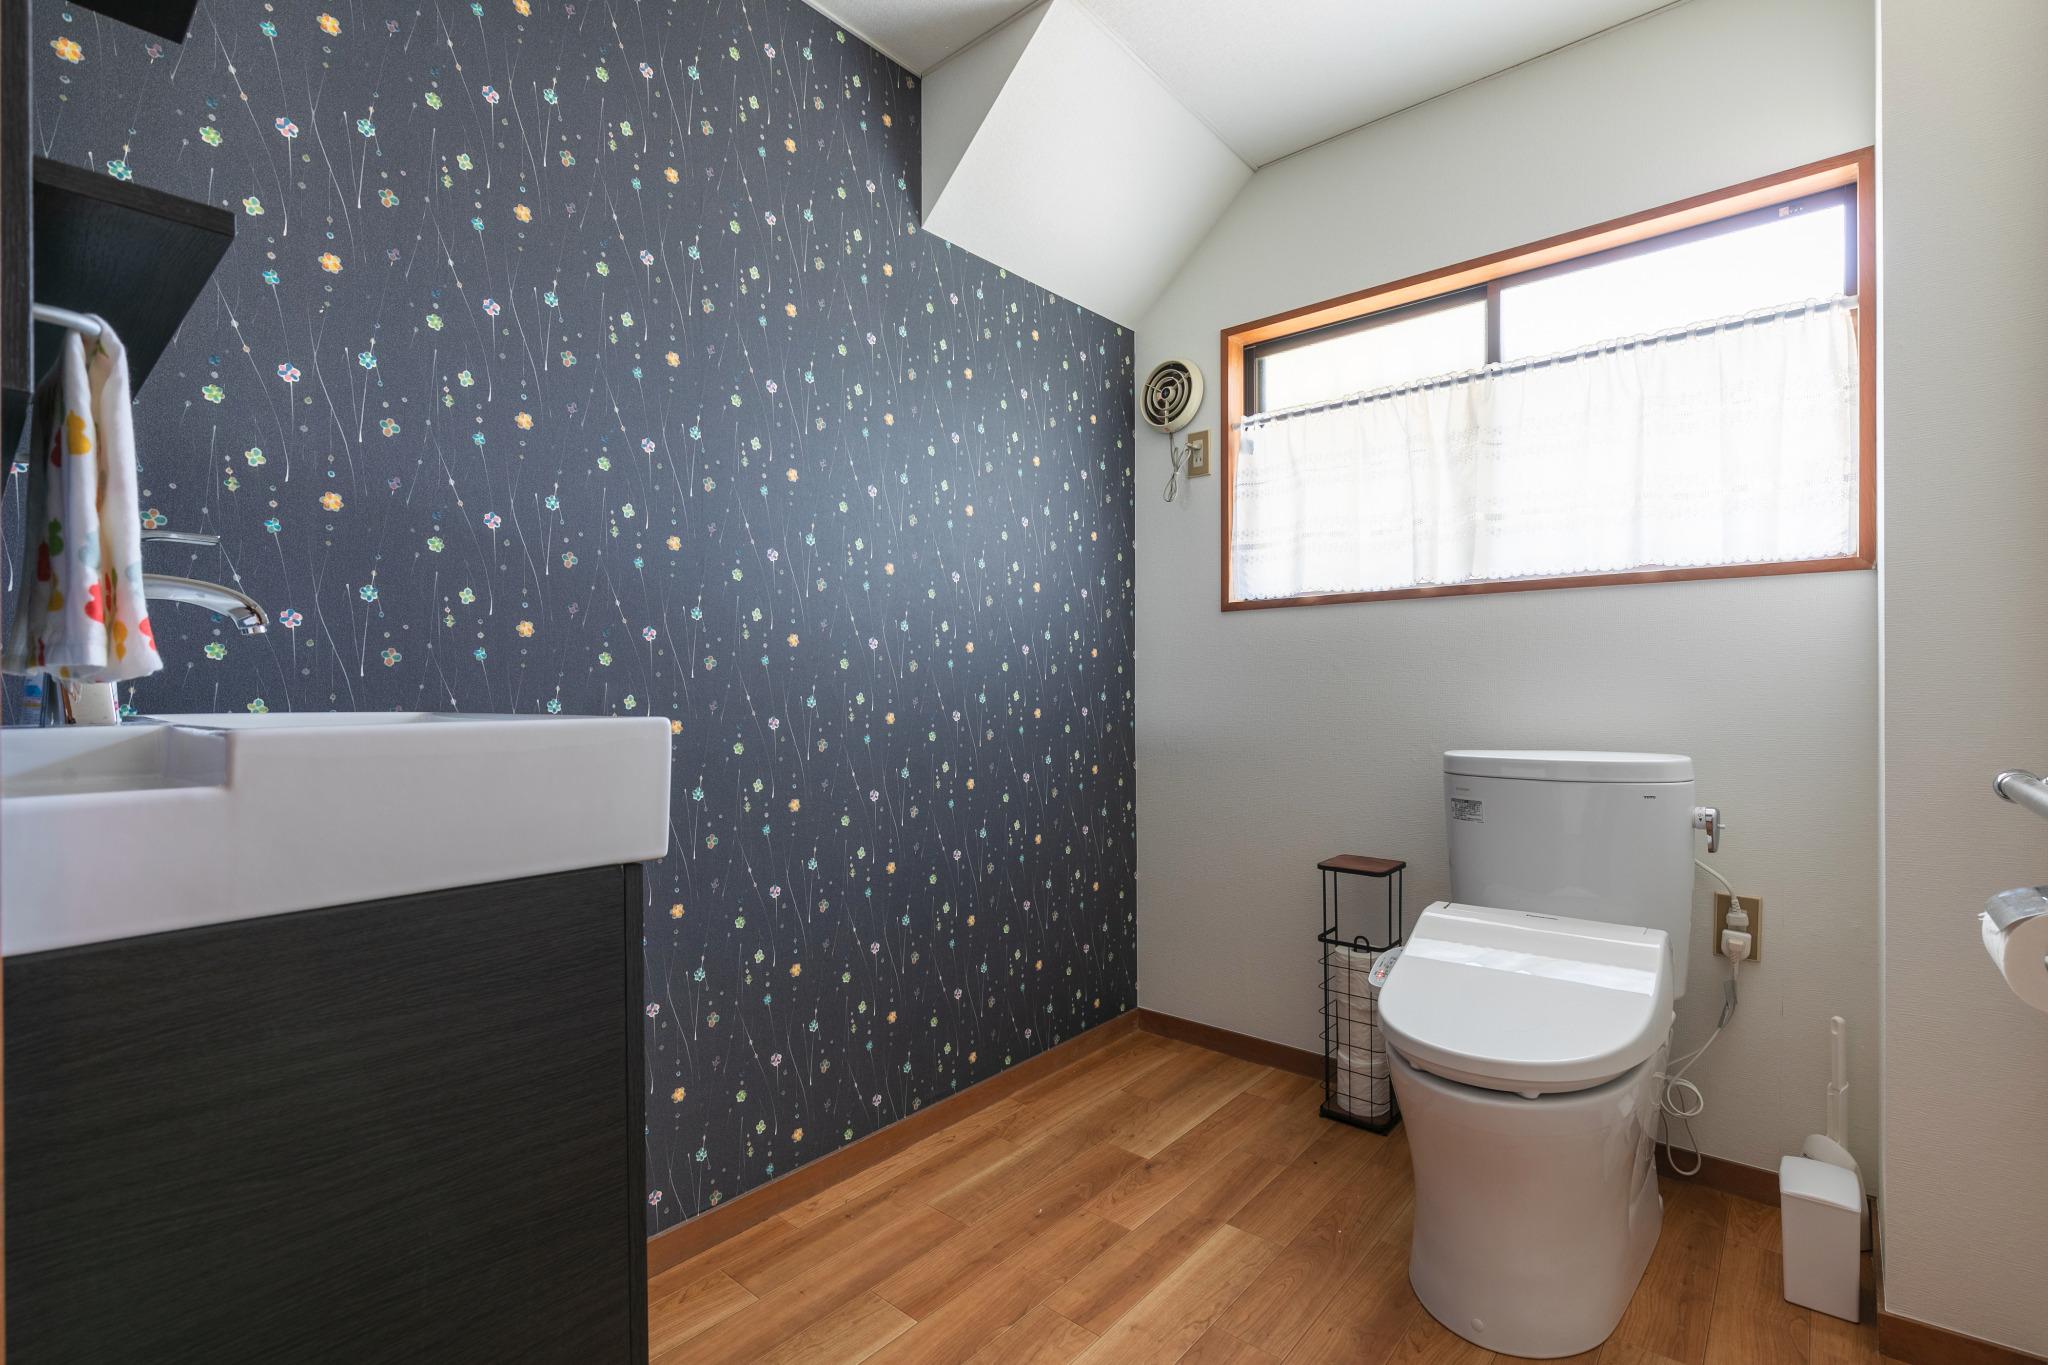 A toilet on each floor.